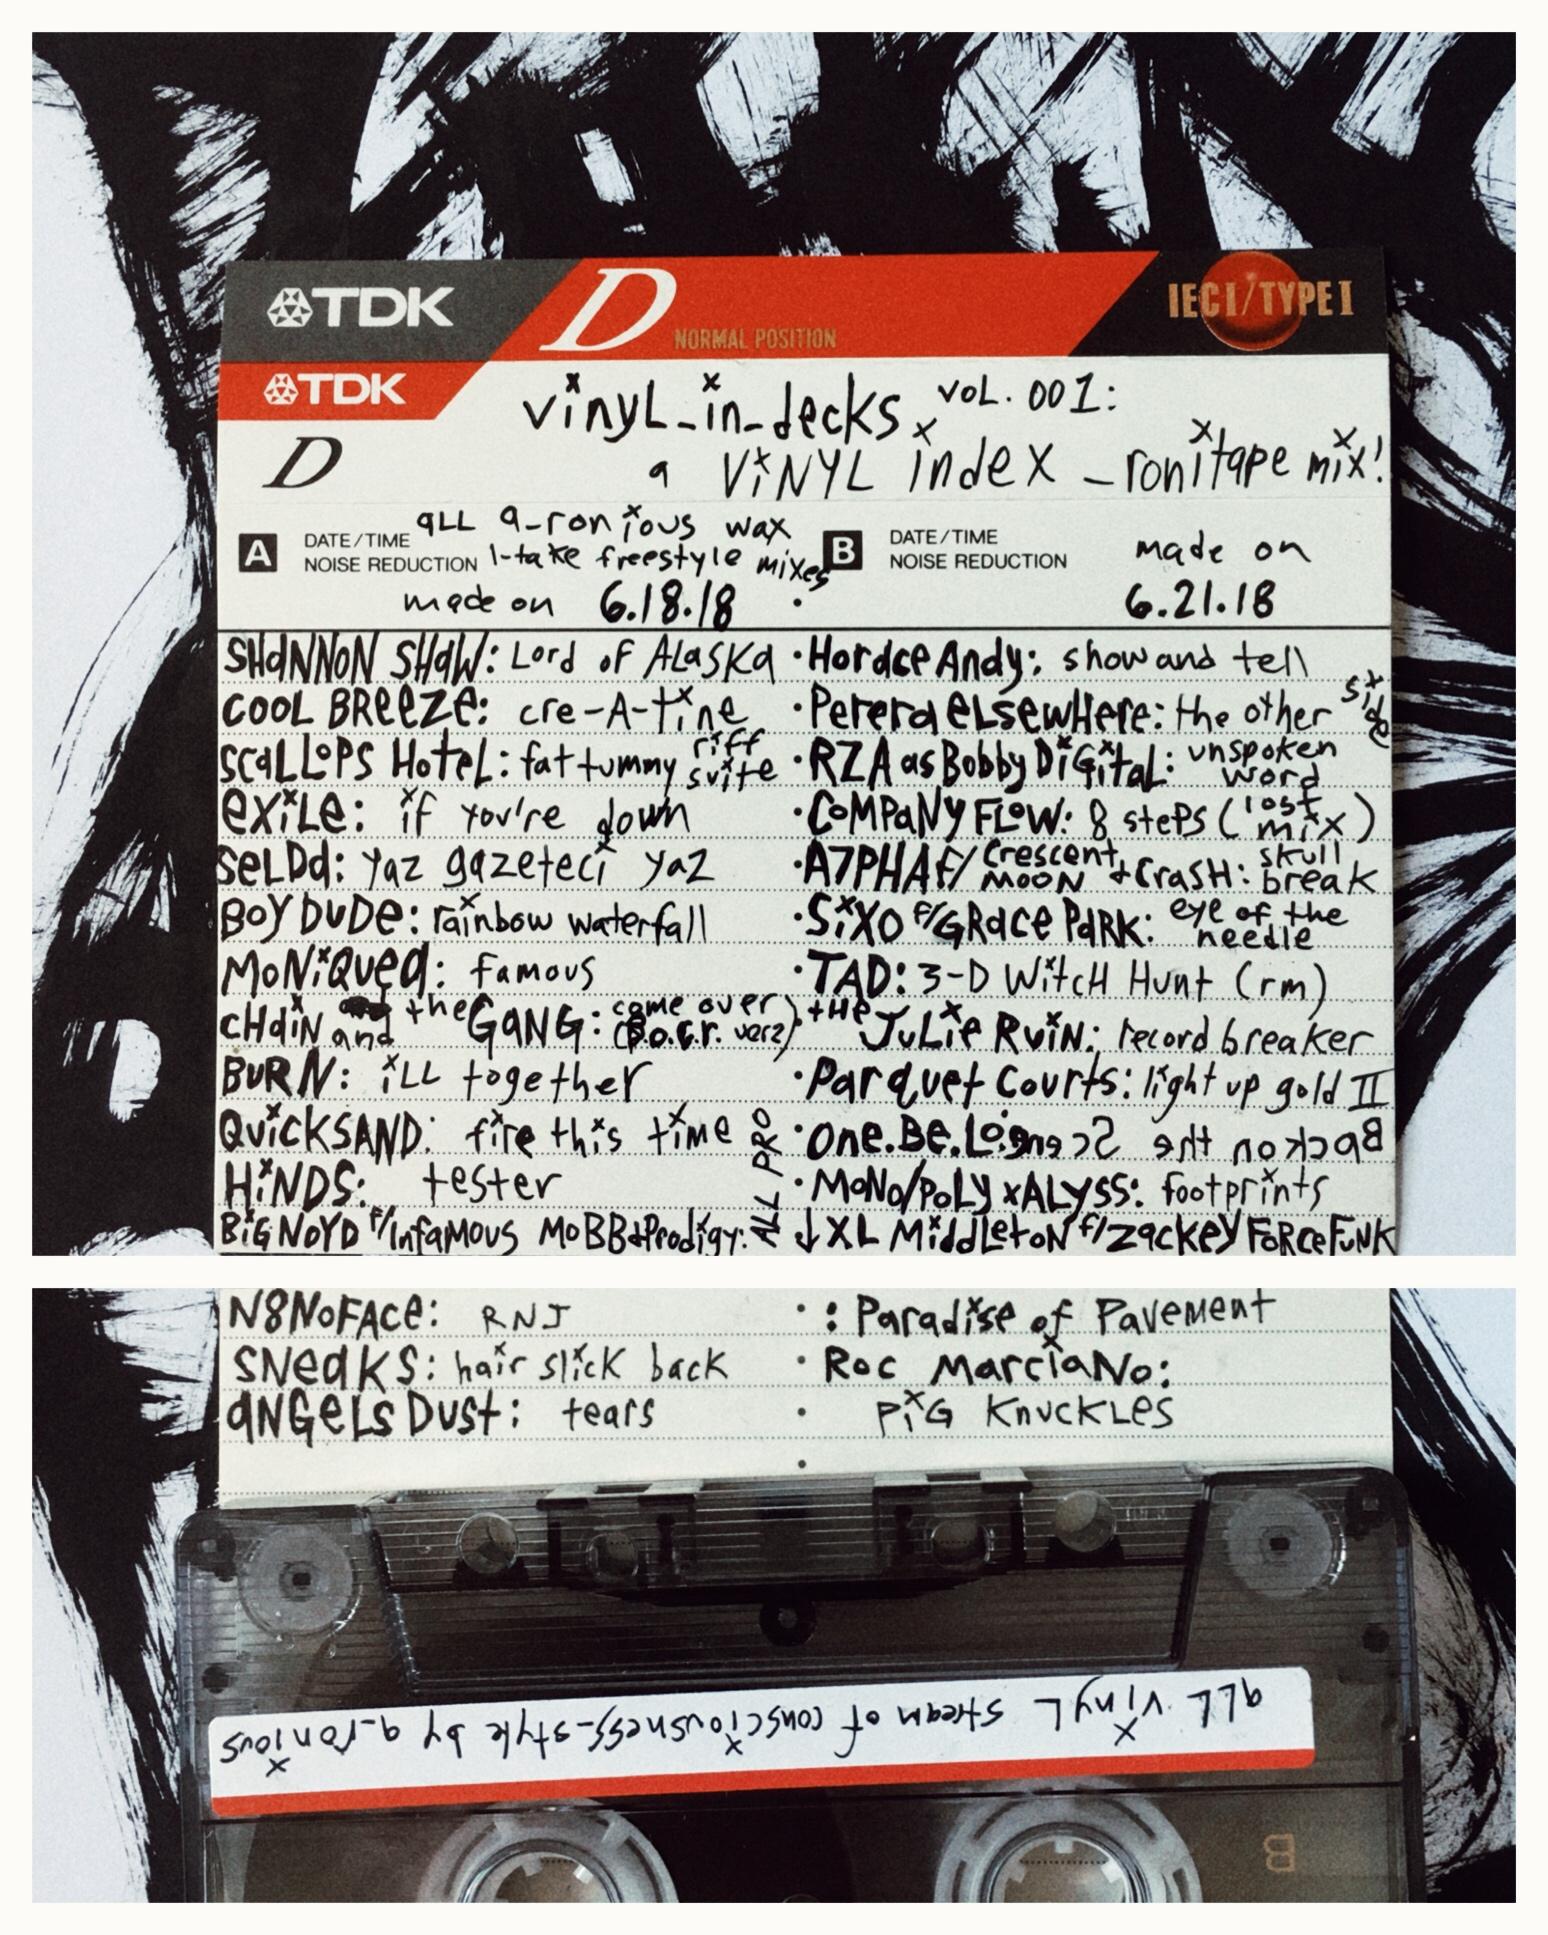 vinyl_in_decks vol. 001.jpg